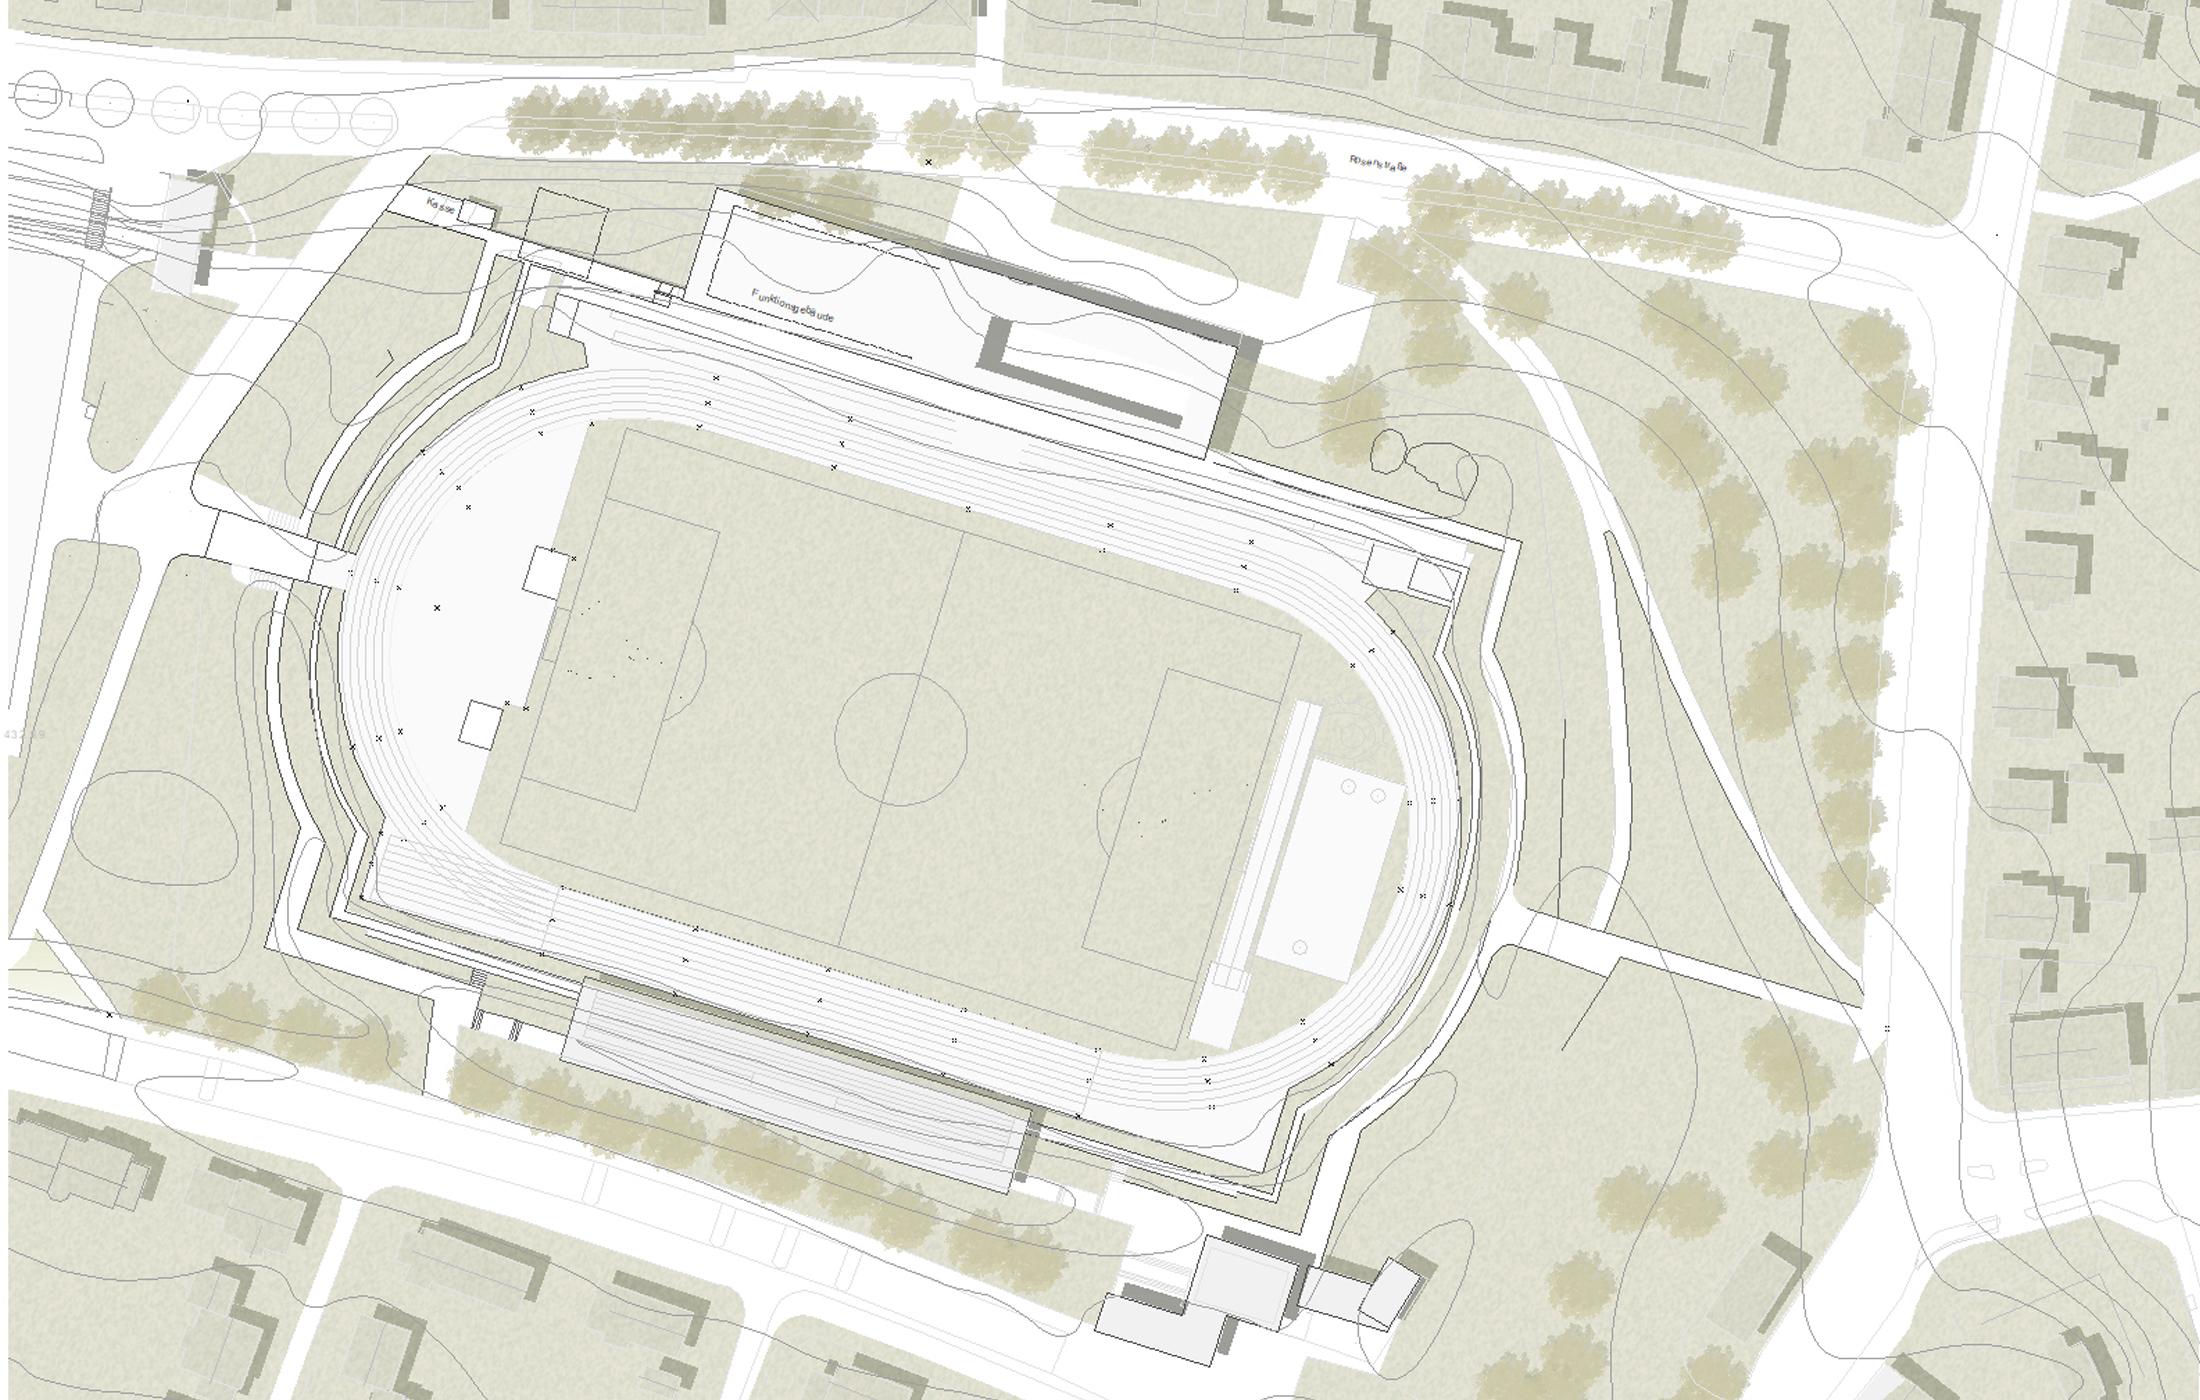 2018, Wettbewerbsbetreuung Neubau eines Funktionsgebäudes und Kassenbox am Floschenstadion, Sindelfingen